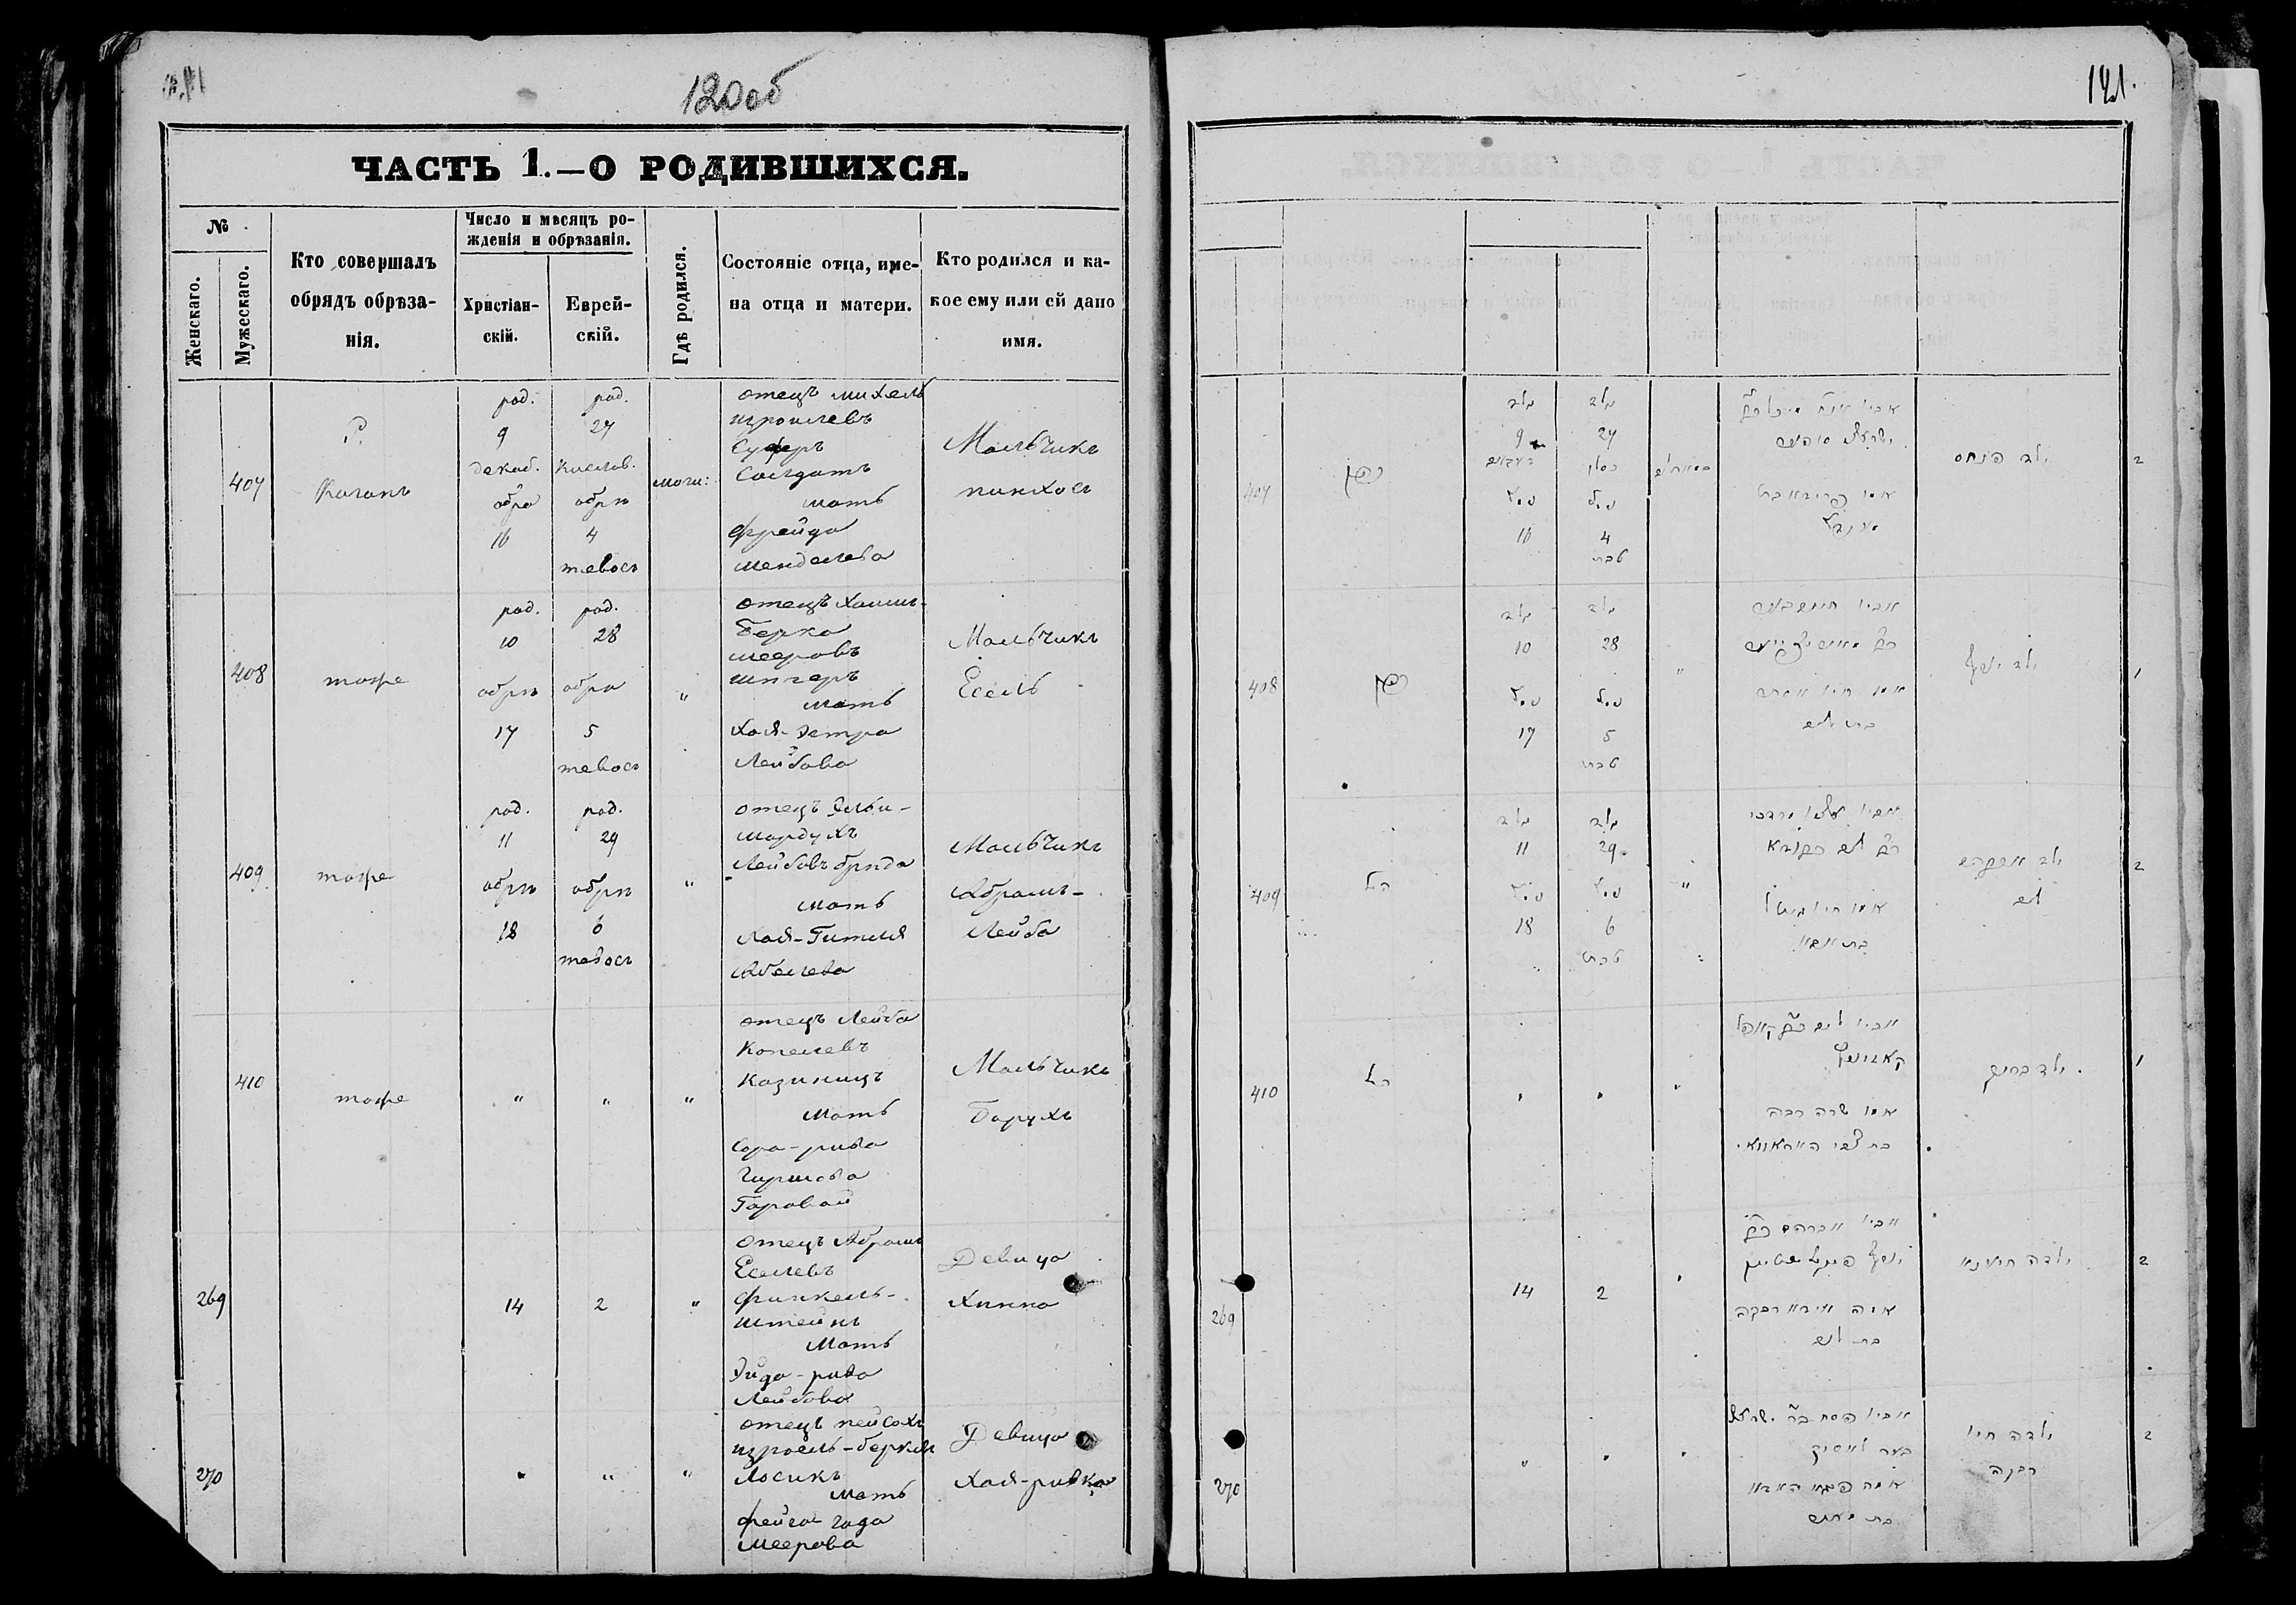 Борух Копелевич Казиниц, мать Мора-Ривка Горовая 11 декабря 1870, запись 410, пленка 007766480, снимок 707